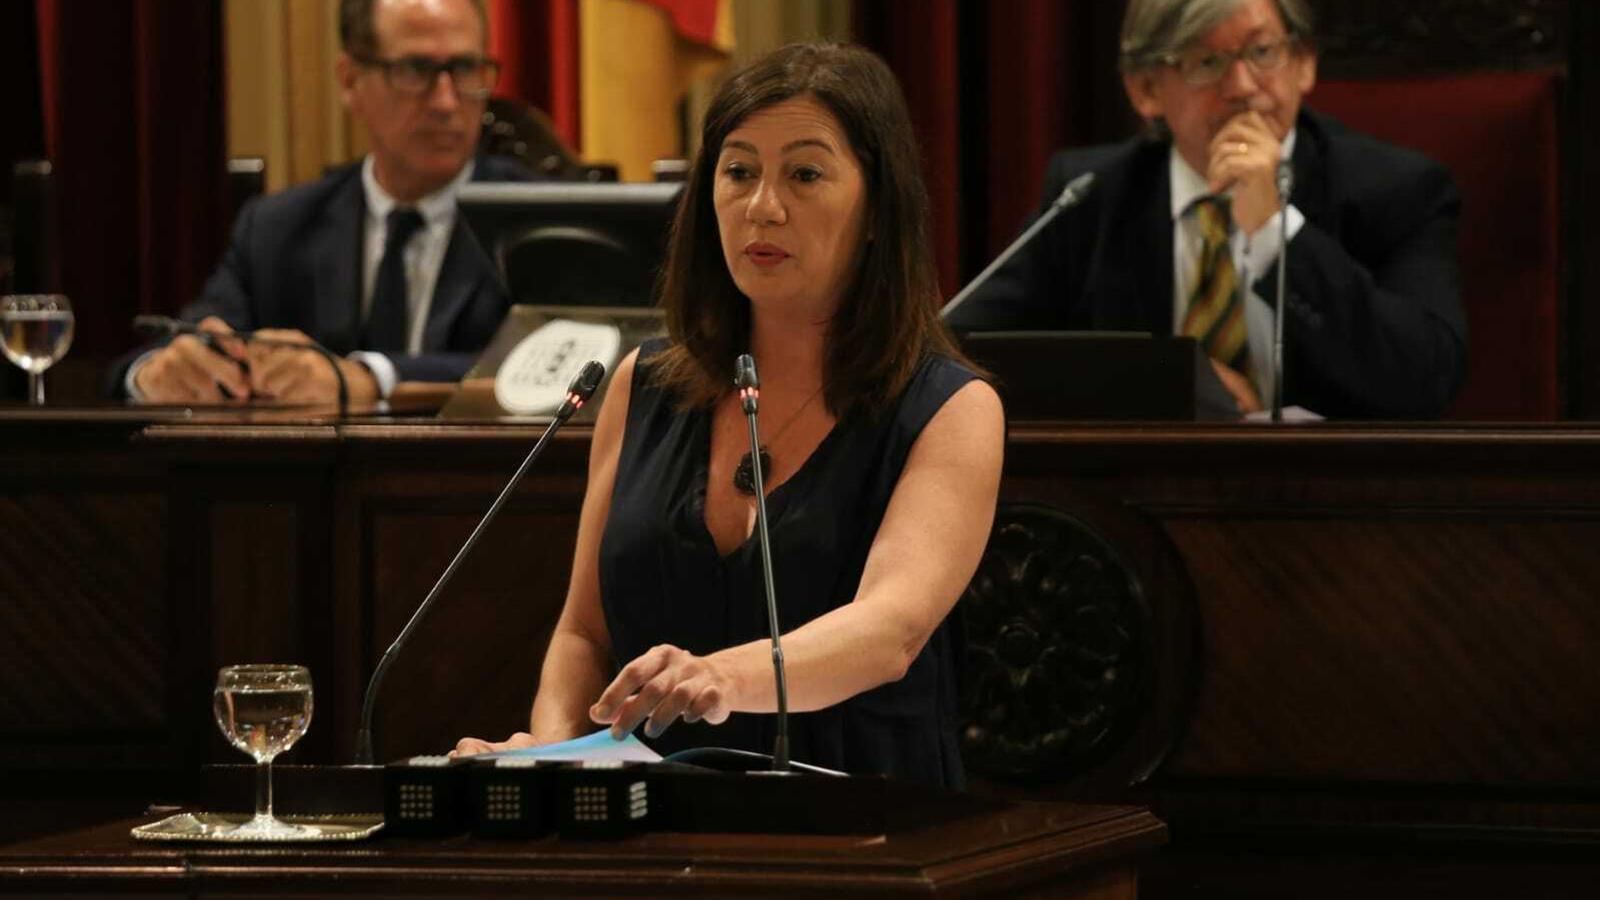 La socialista Francina Armengol durant el discurs d'investidura.